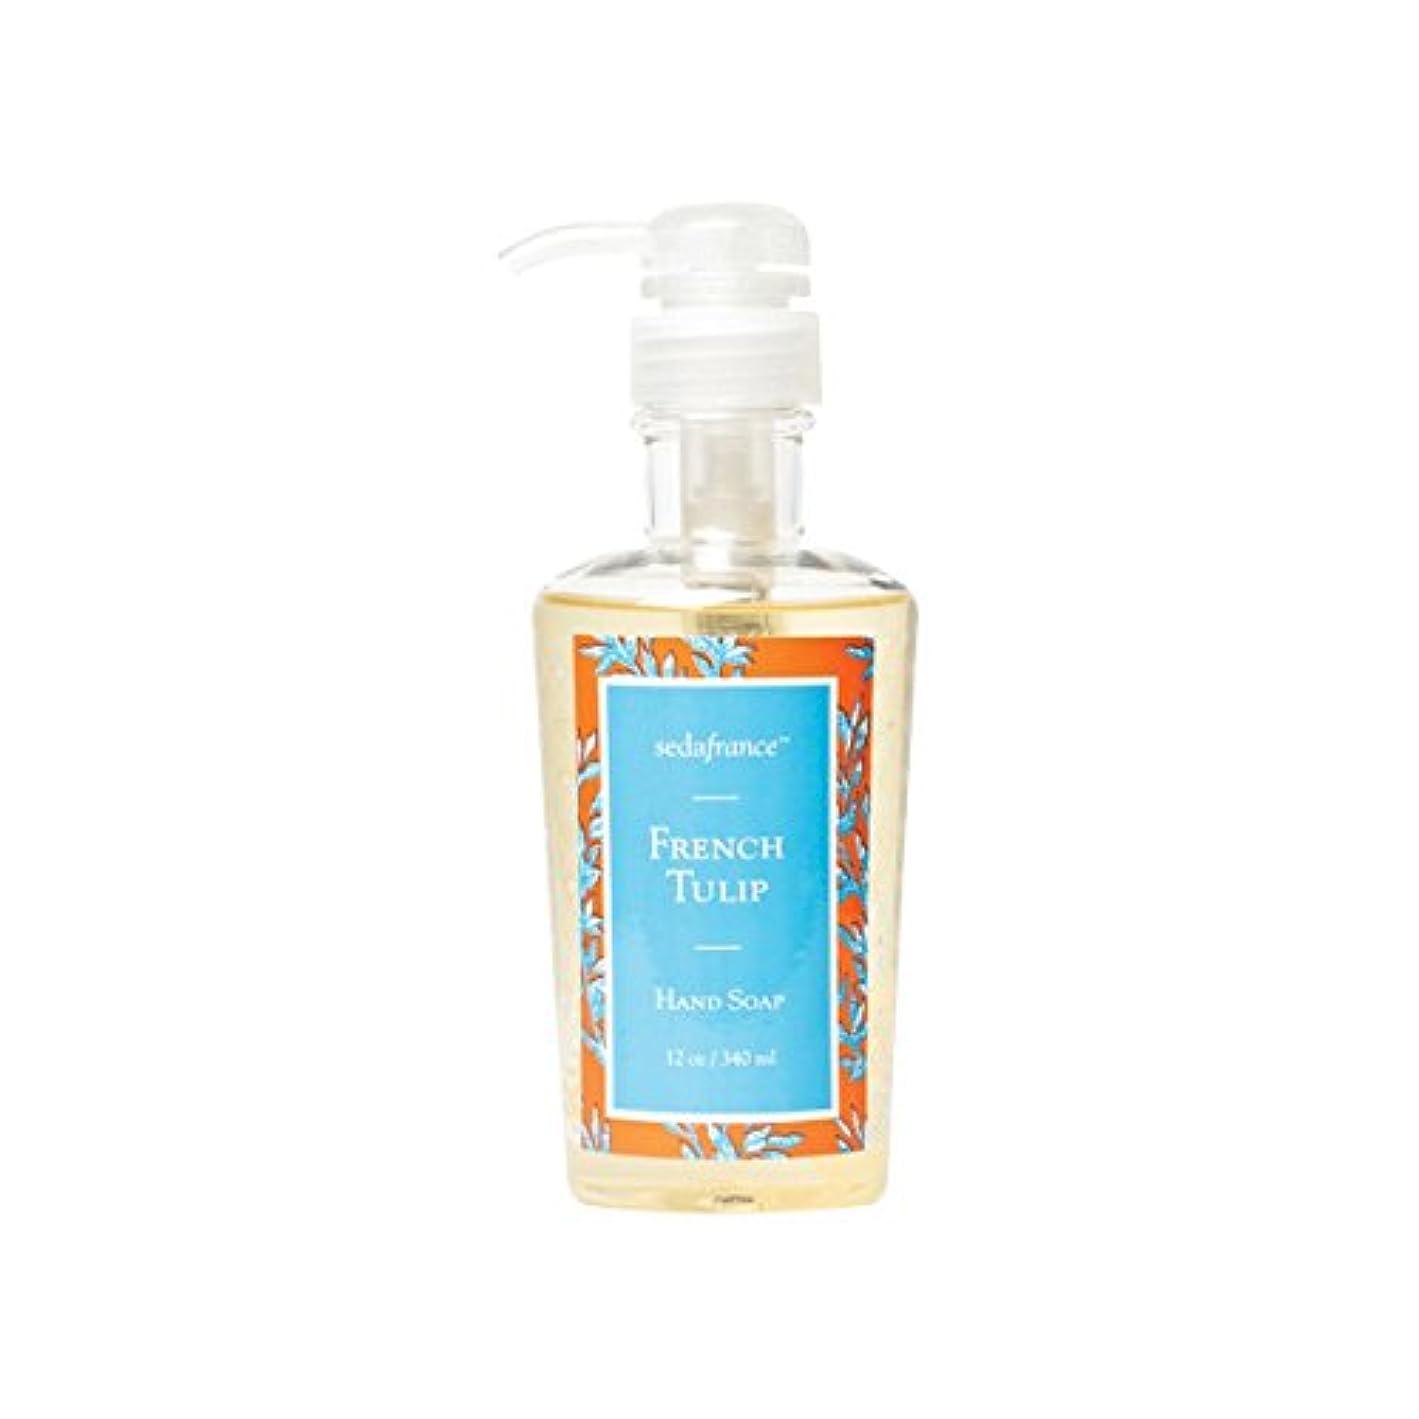 スキーム大佐憧れClassic Toile French Tulip Liquid Hand Soap by Seda France